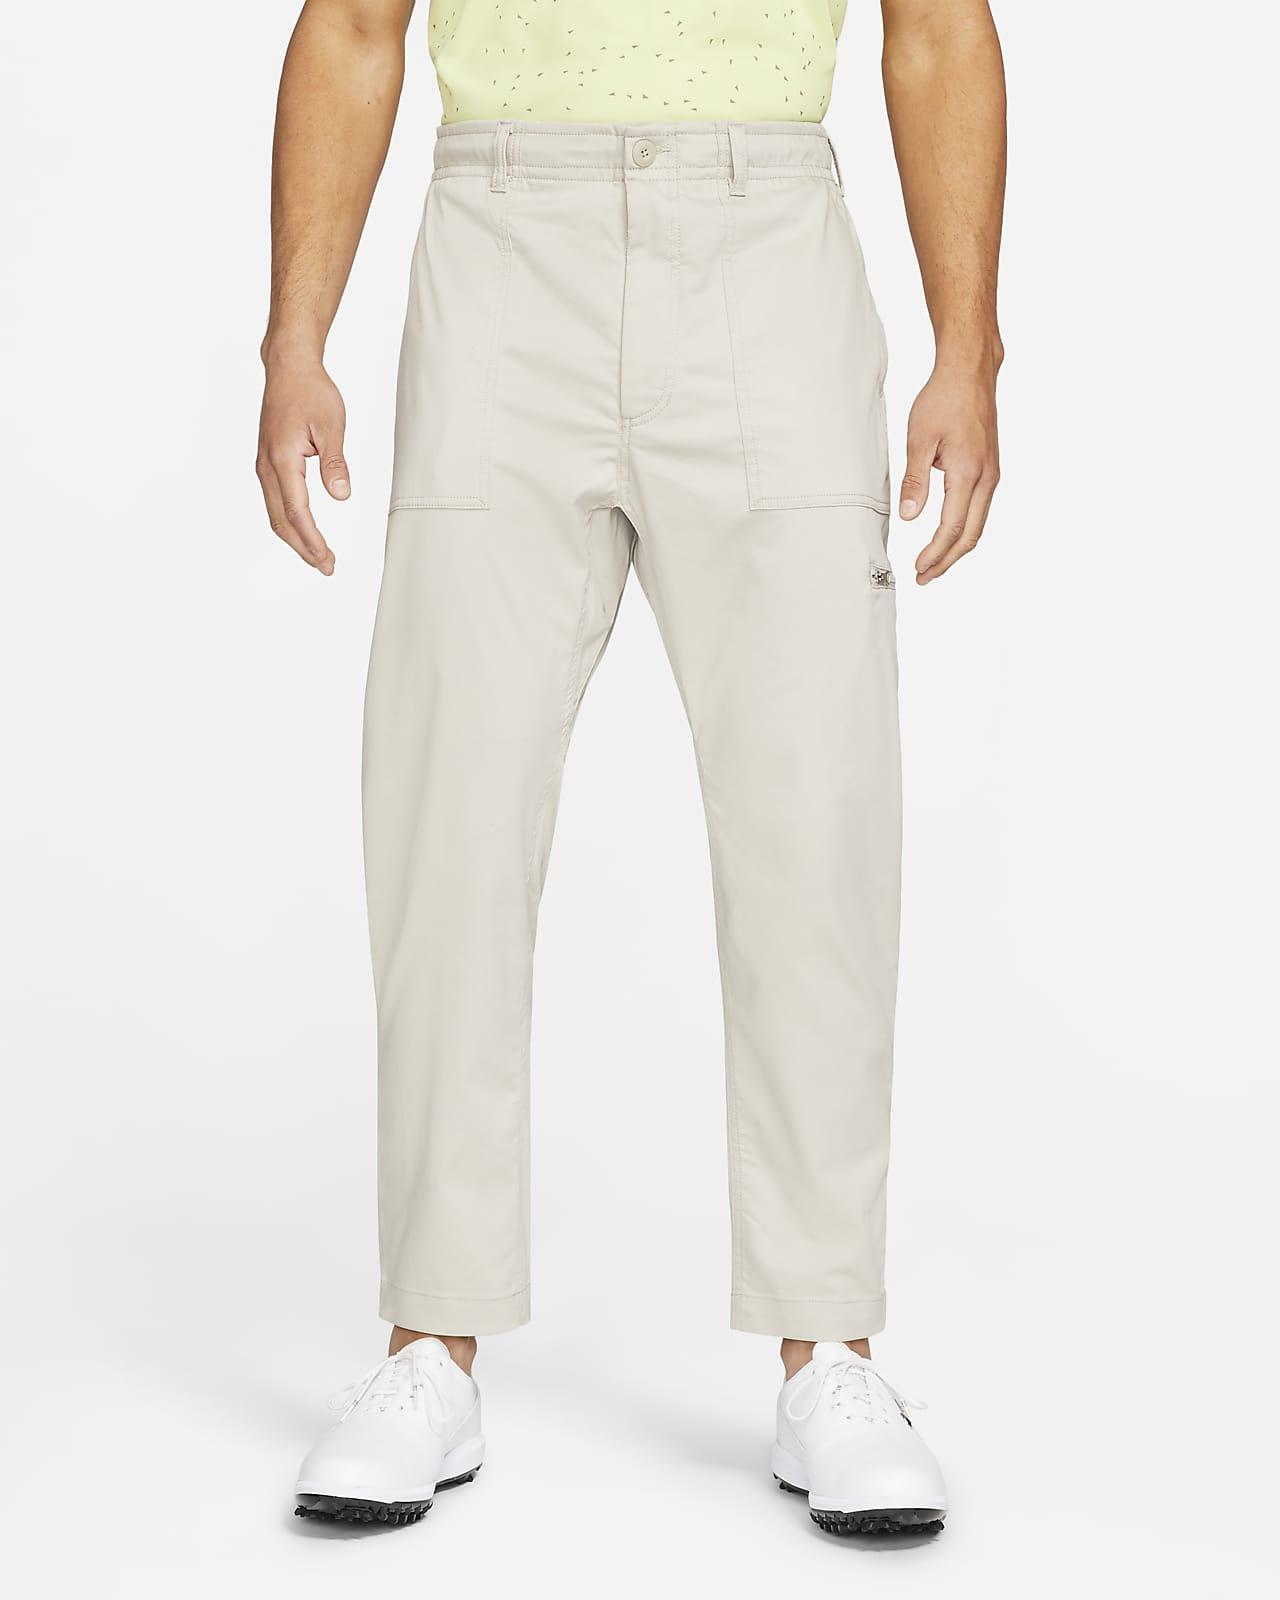 Pantalones de golf para hombre Nike Dri-FIT